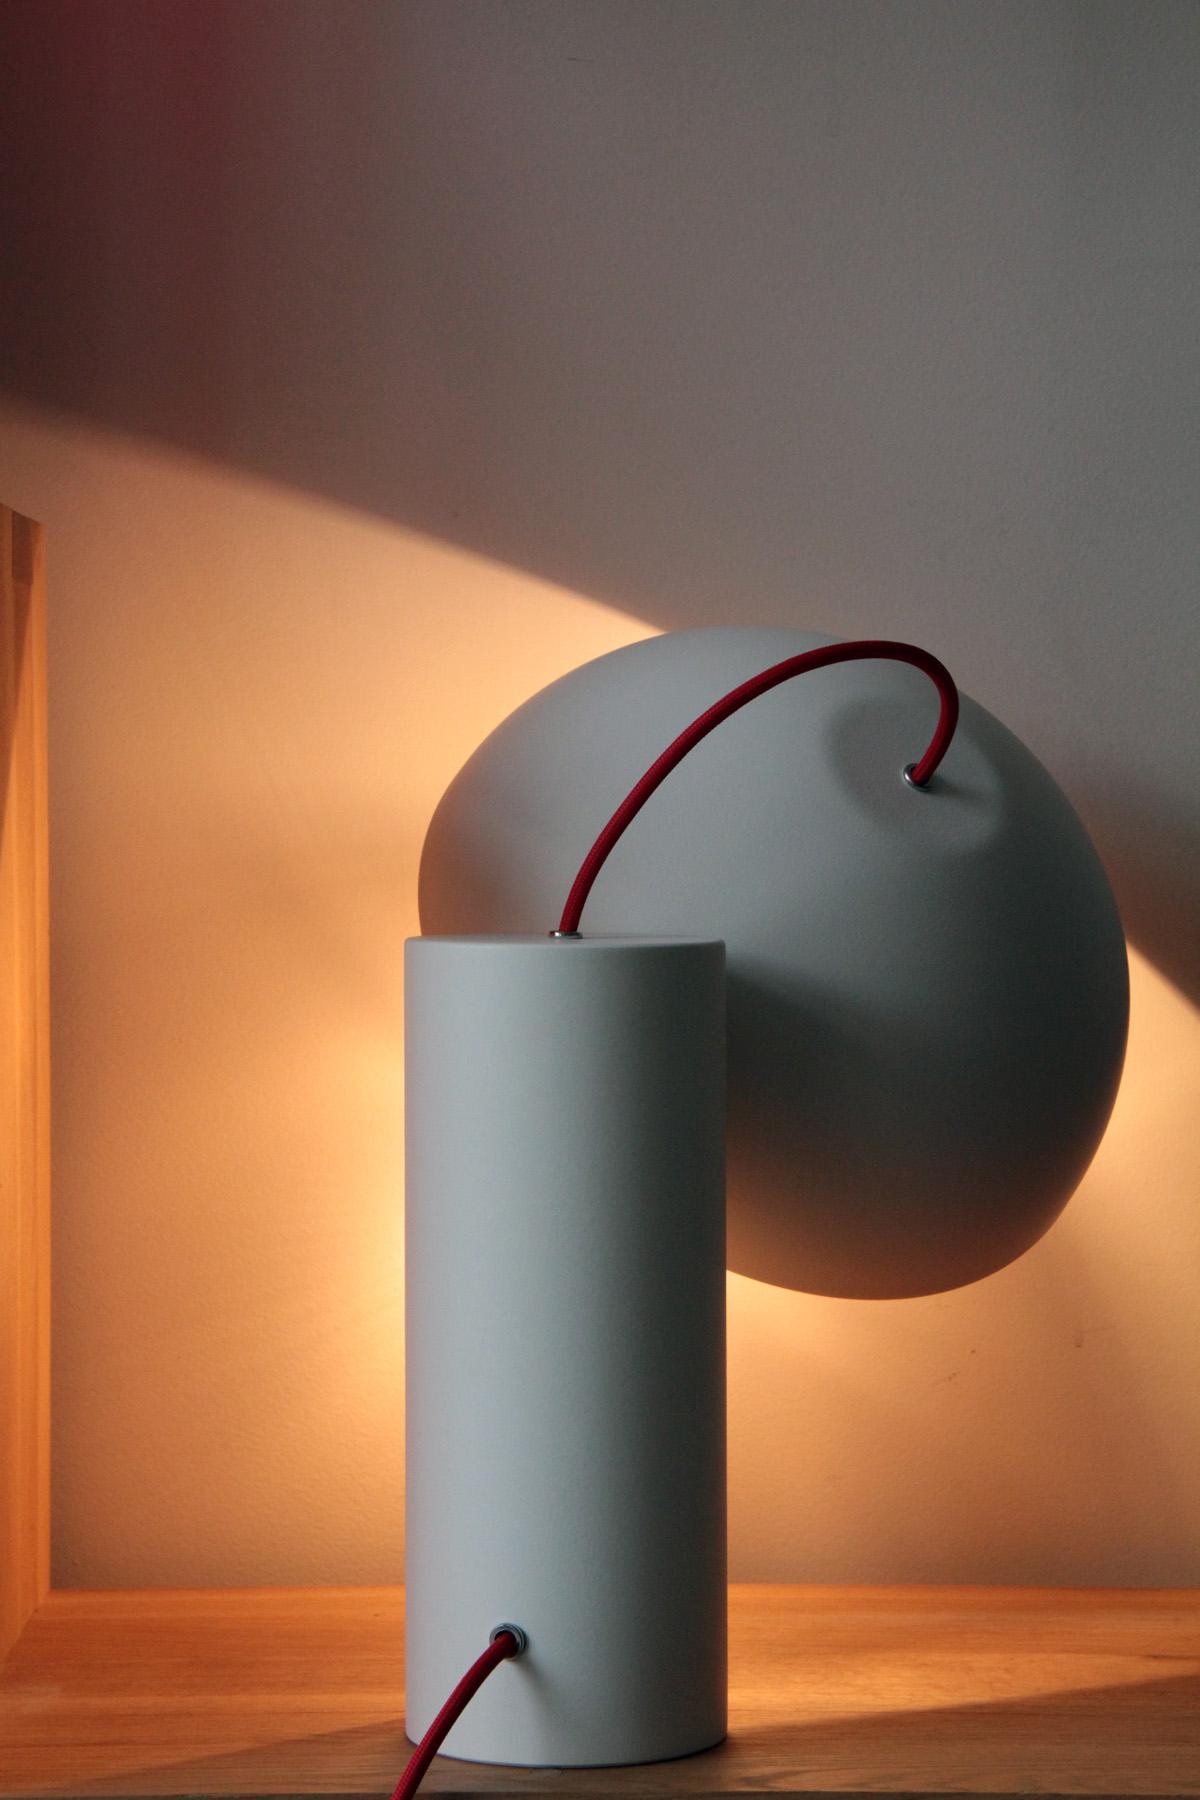 Cul de poule -Lumianire - lampe a poser - Objet - bol - metal - couleur BLANC - design sur-mesure - Agence MAJOTIK